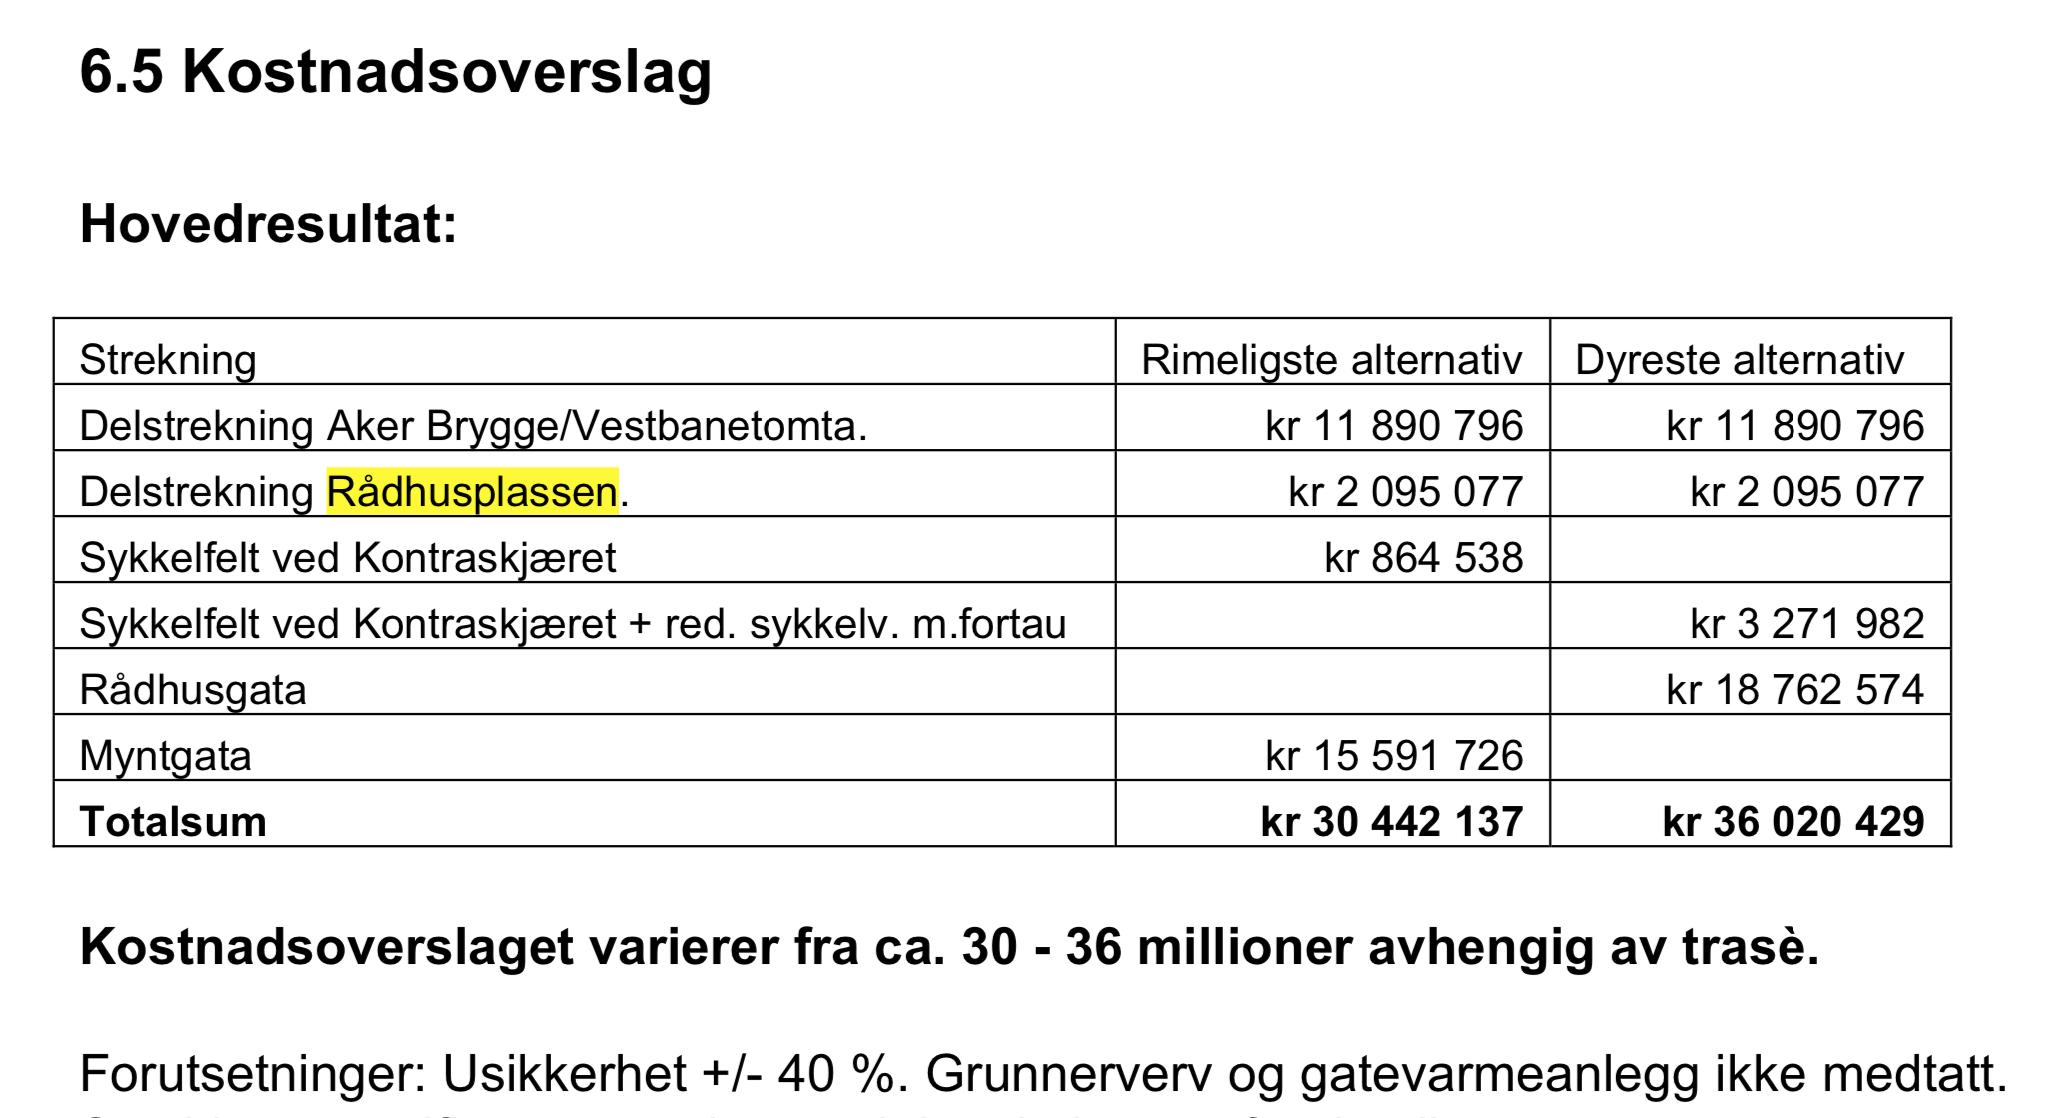 Skjermbilde 2019-05-13 kl. 17.25.30.png